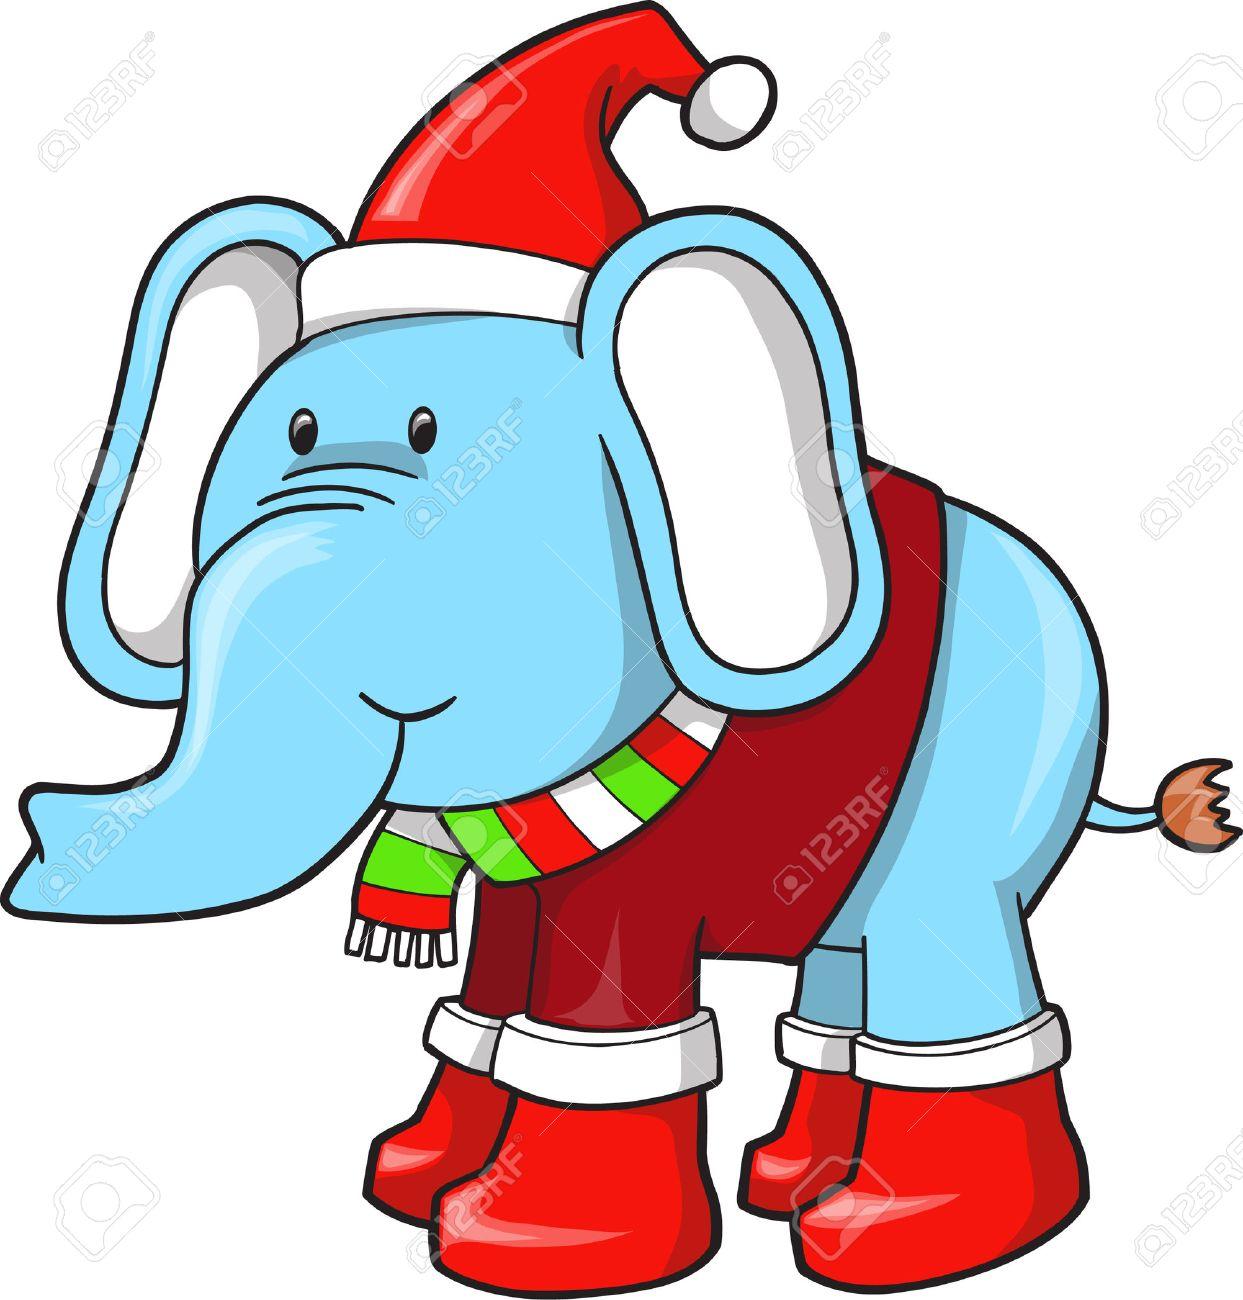 Holiday Blue Elephant - 6847558